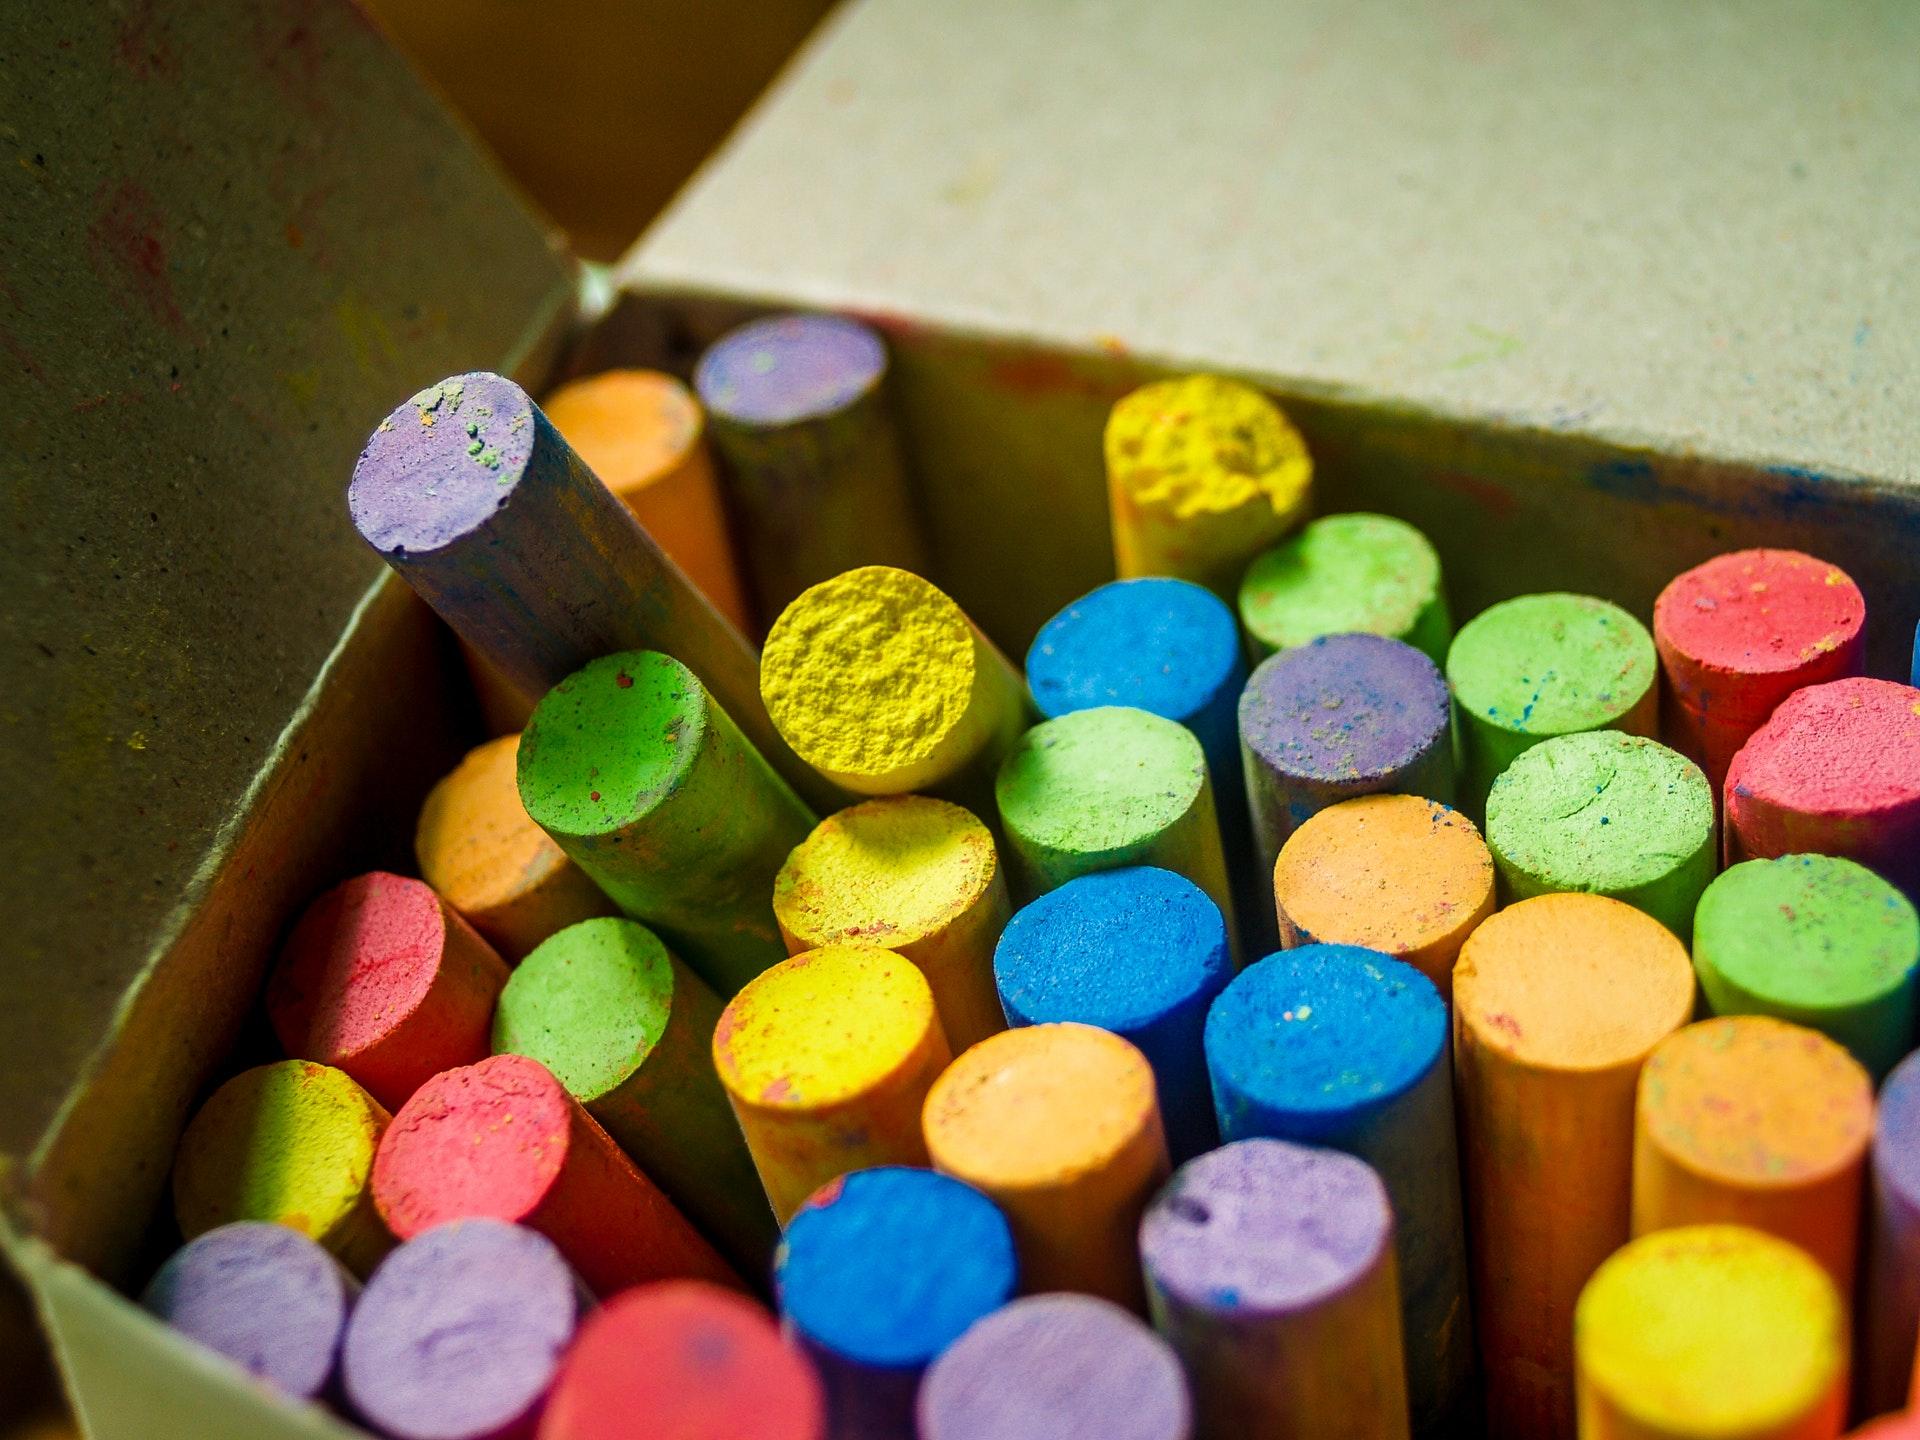 giochi con gessetti colorati